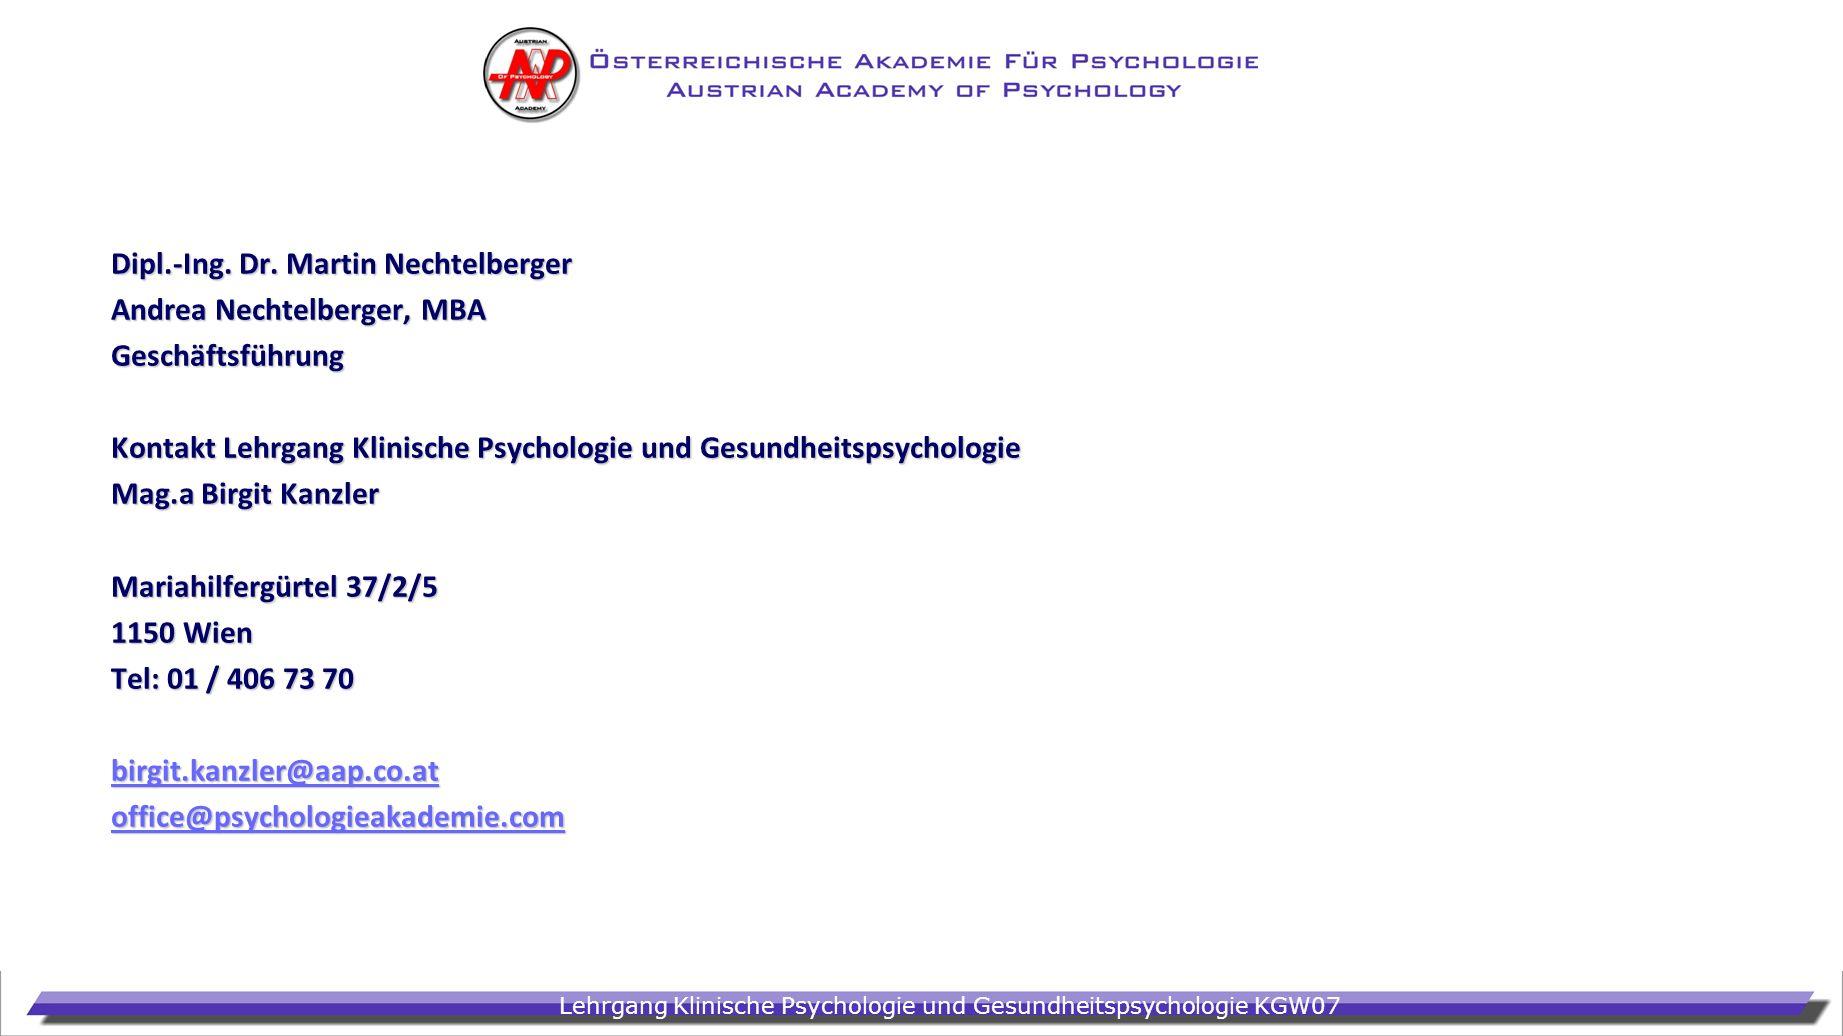 Dipl.-Ing. Dr. Martin Nechtelberger